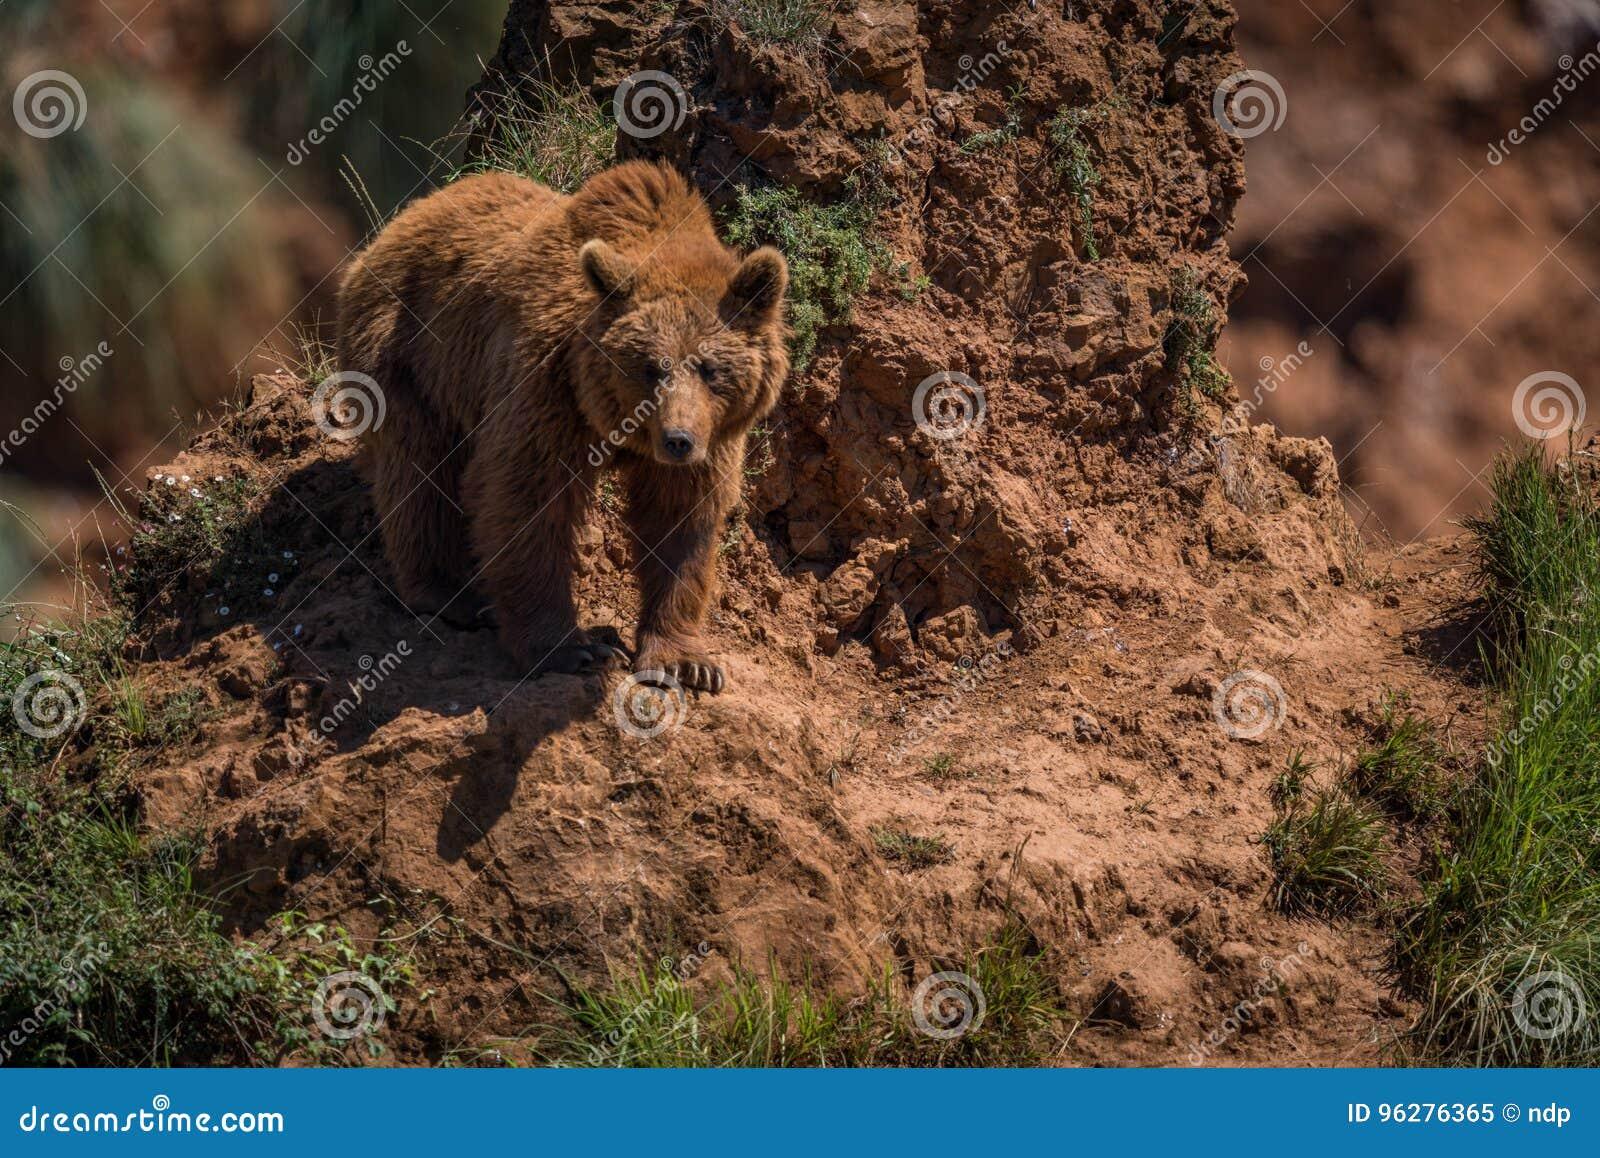 从陡峭的岩石露出的棕熊手表